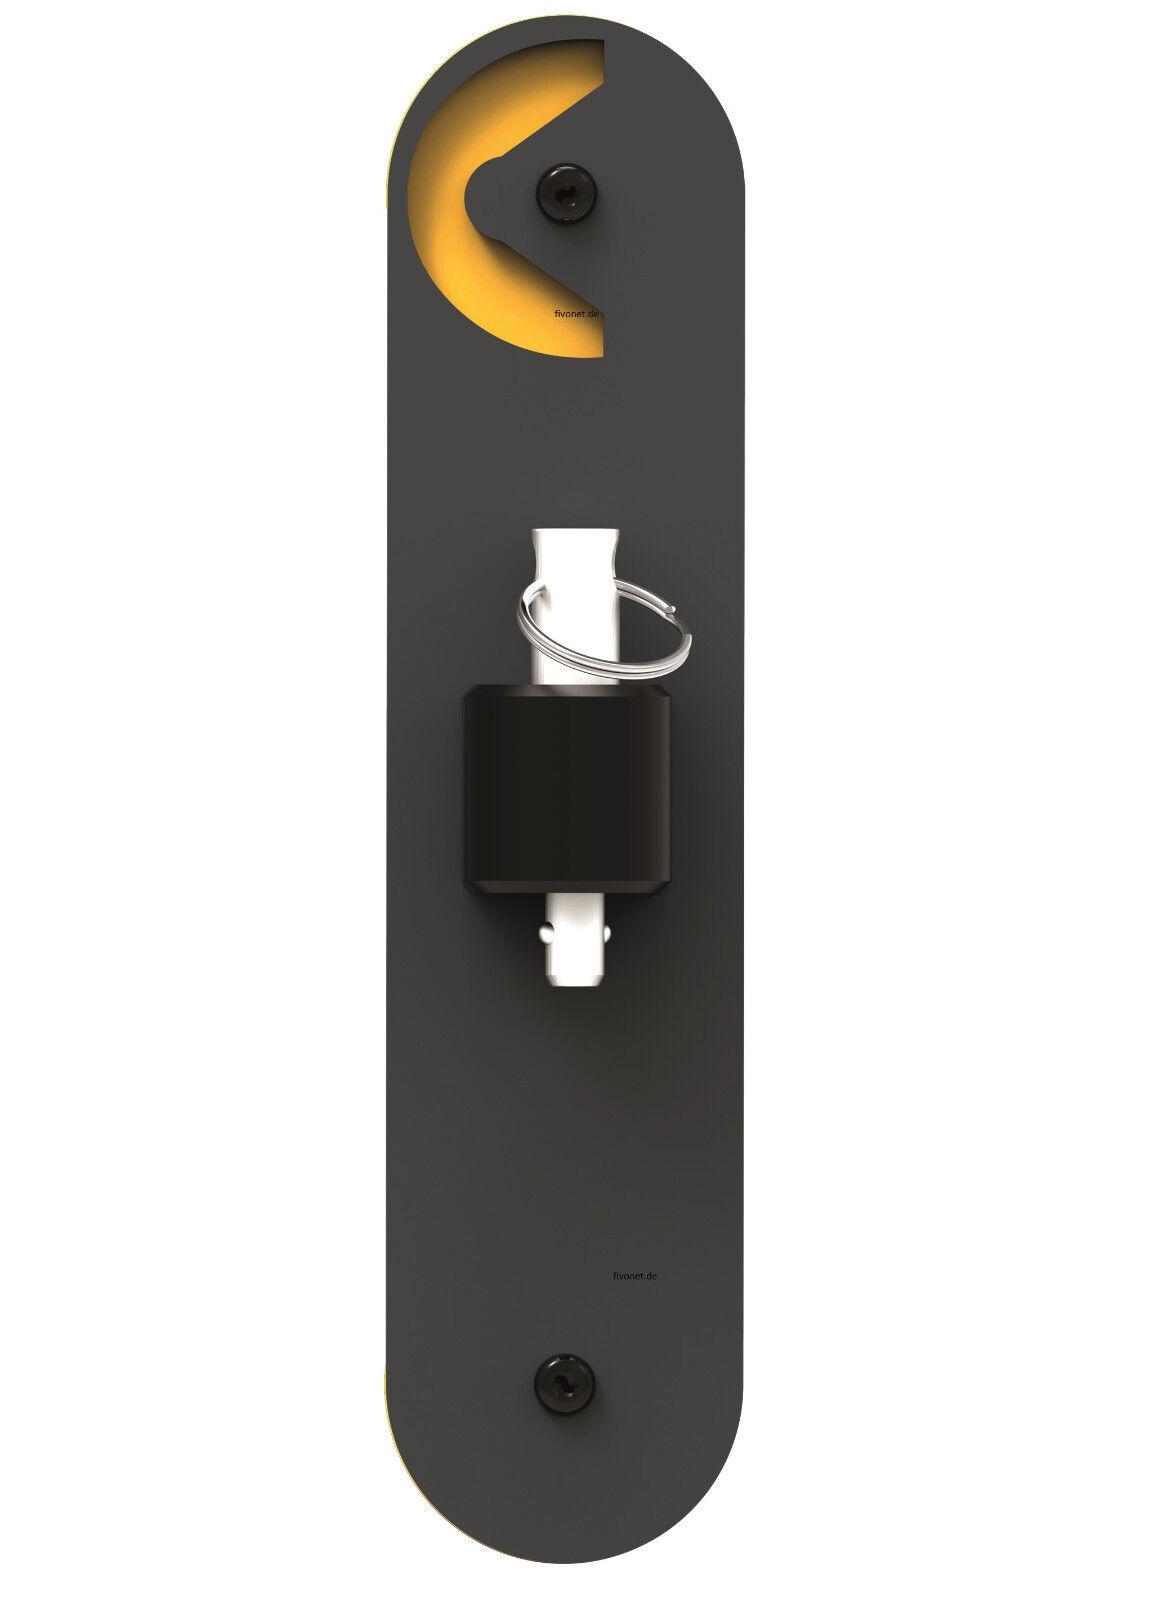 Magnethalter für Scangrip NOVA EX explosionsgeschützter Strahler Magnet Halter